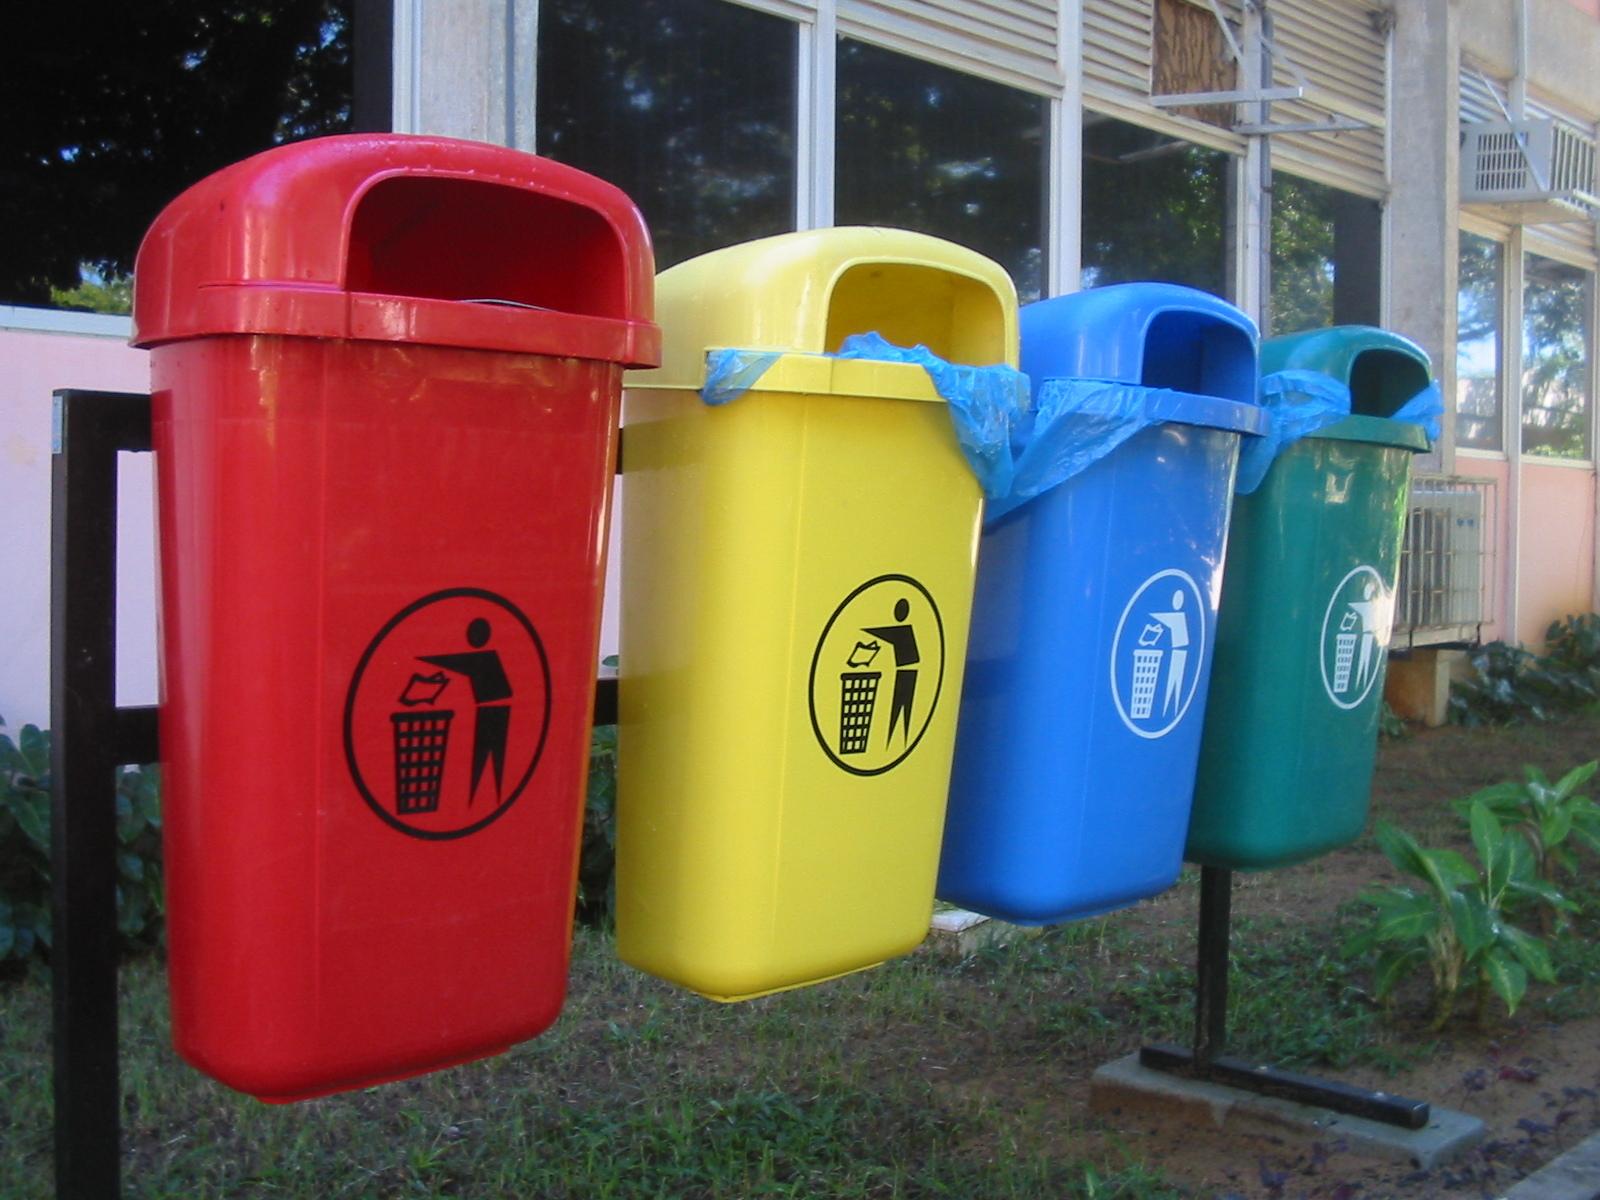 Сортировка мусора на государственном уровне